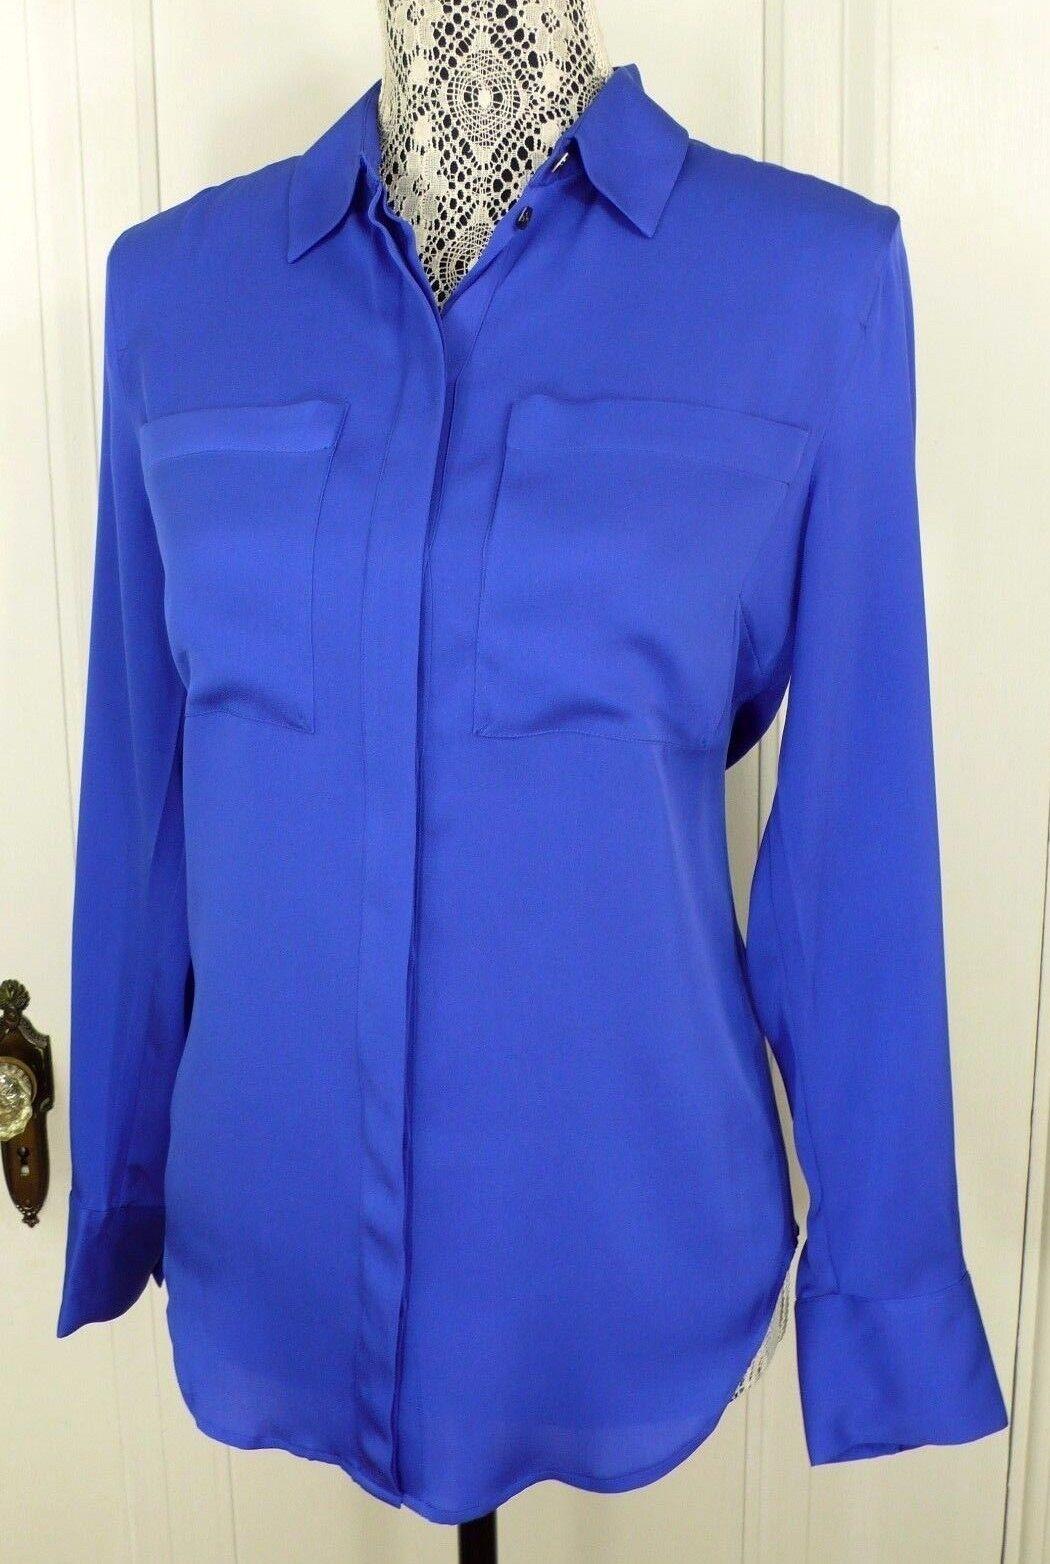 Neuf avec étiquettes J. CREW Retail  138 Soie Poche Manches Longues Chemisier Profond Bleu Azur Taille 6